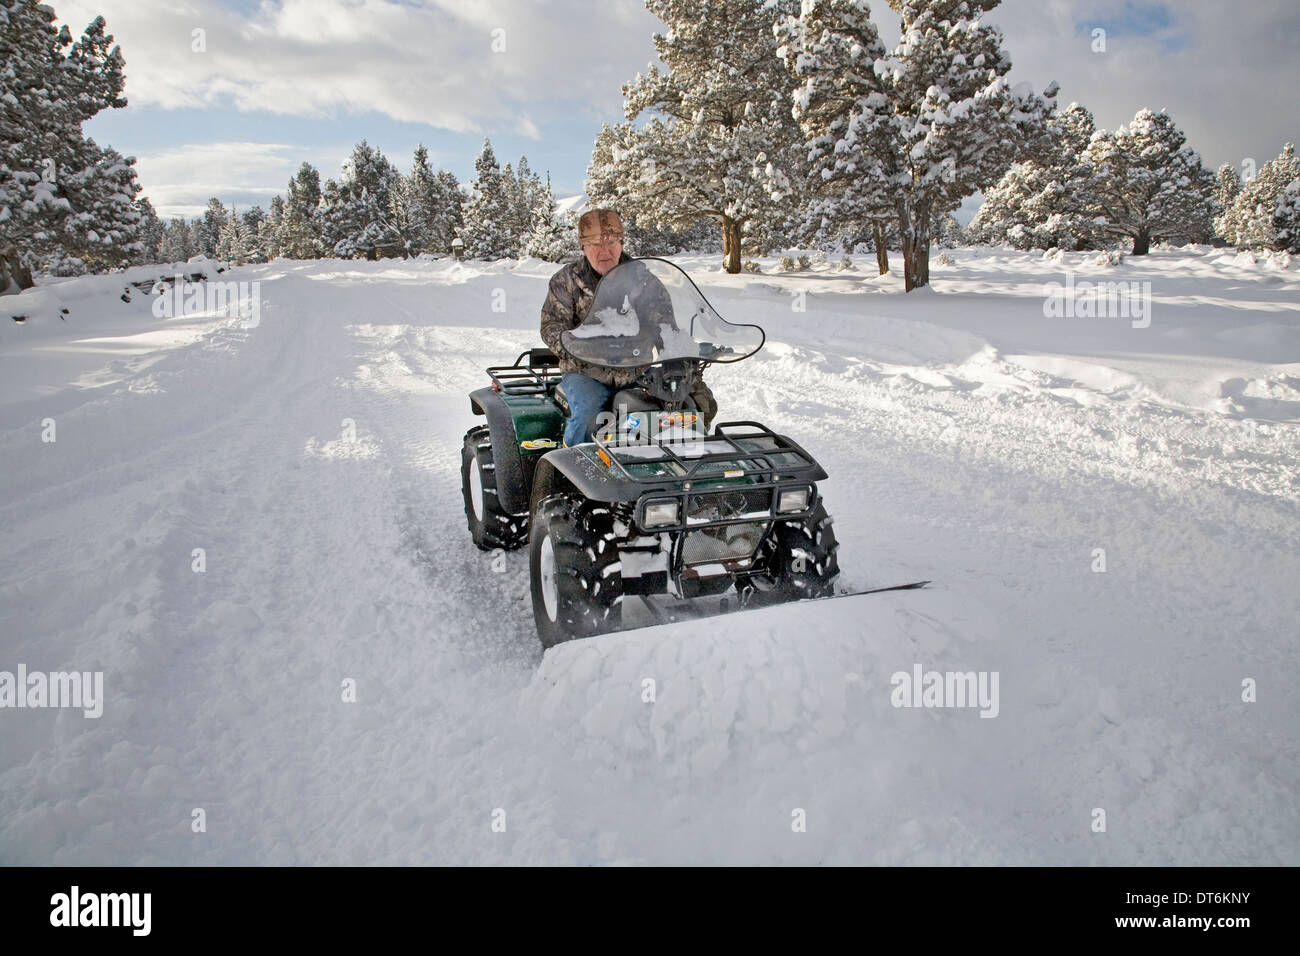 Eine Seniorin Pflüge Schnee mit einem ATV, all-Terrain-Fahrzeug, nach einem großen Schneesturm in Zentral-Oregon. Stockbild